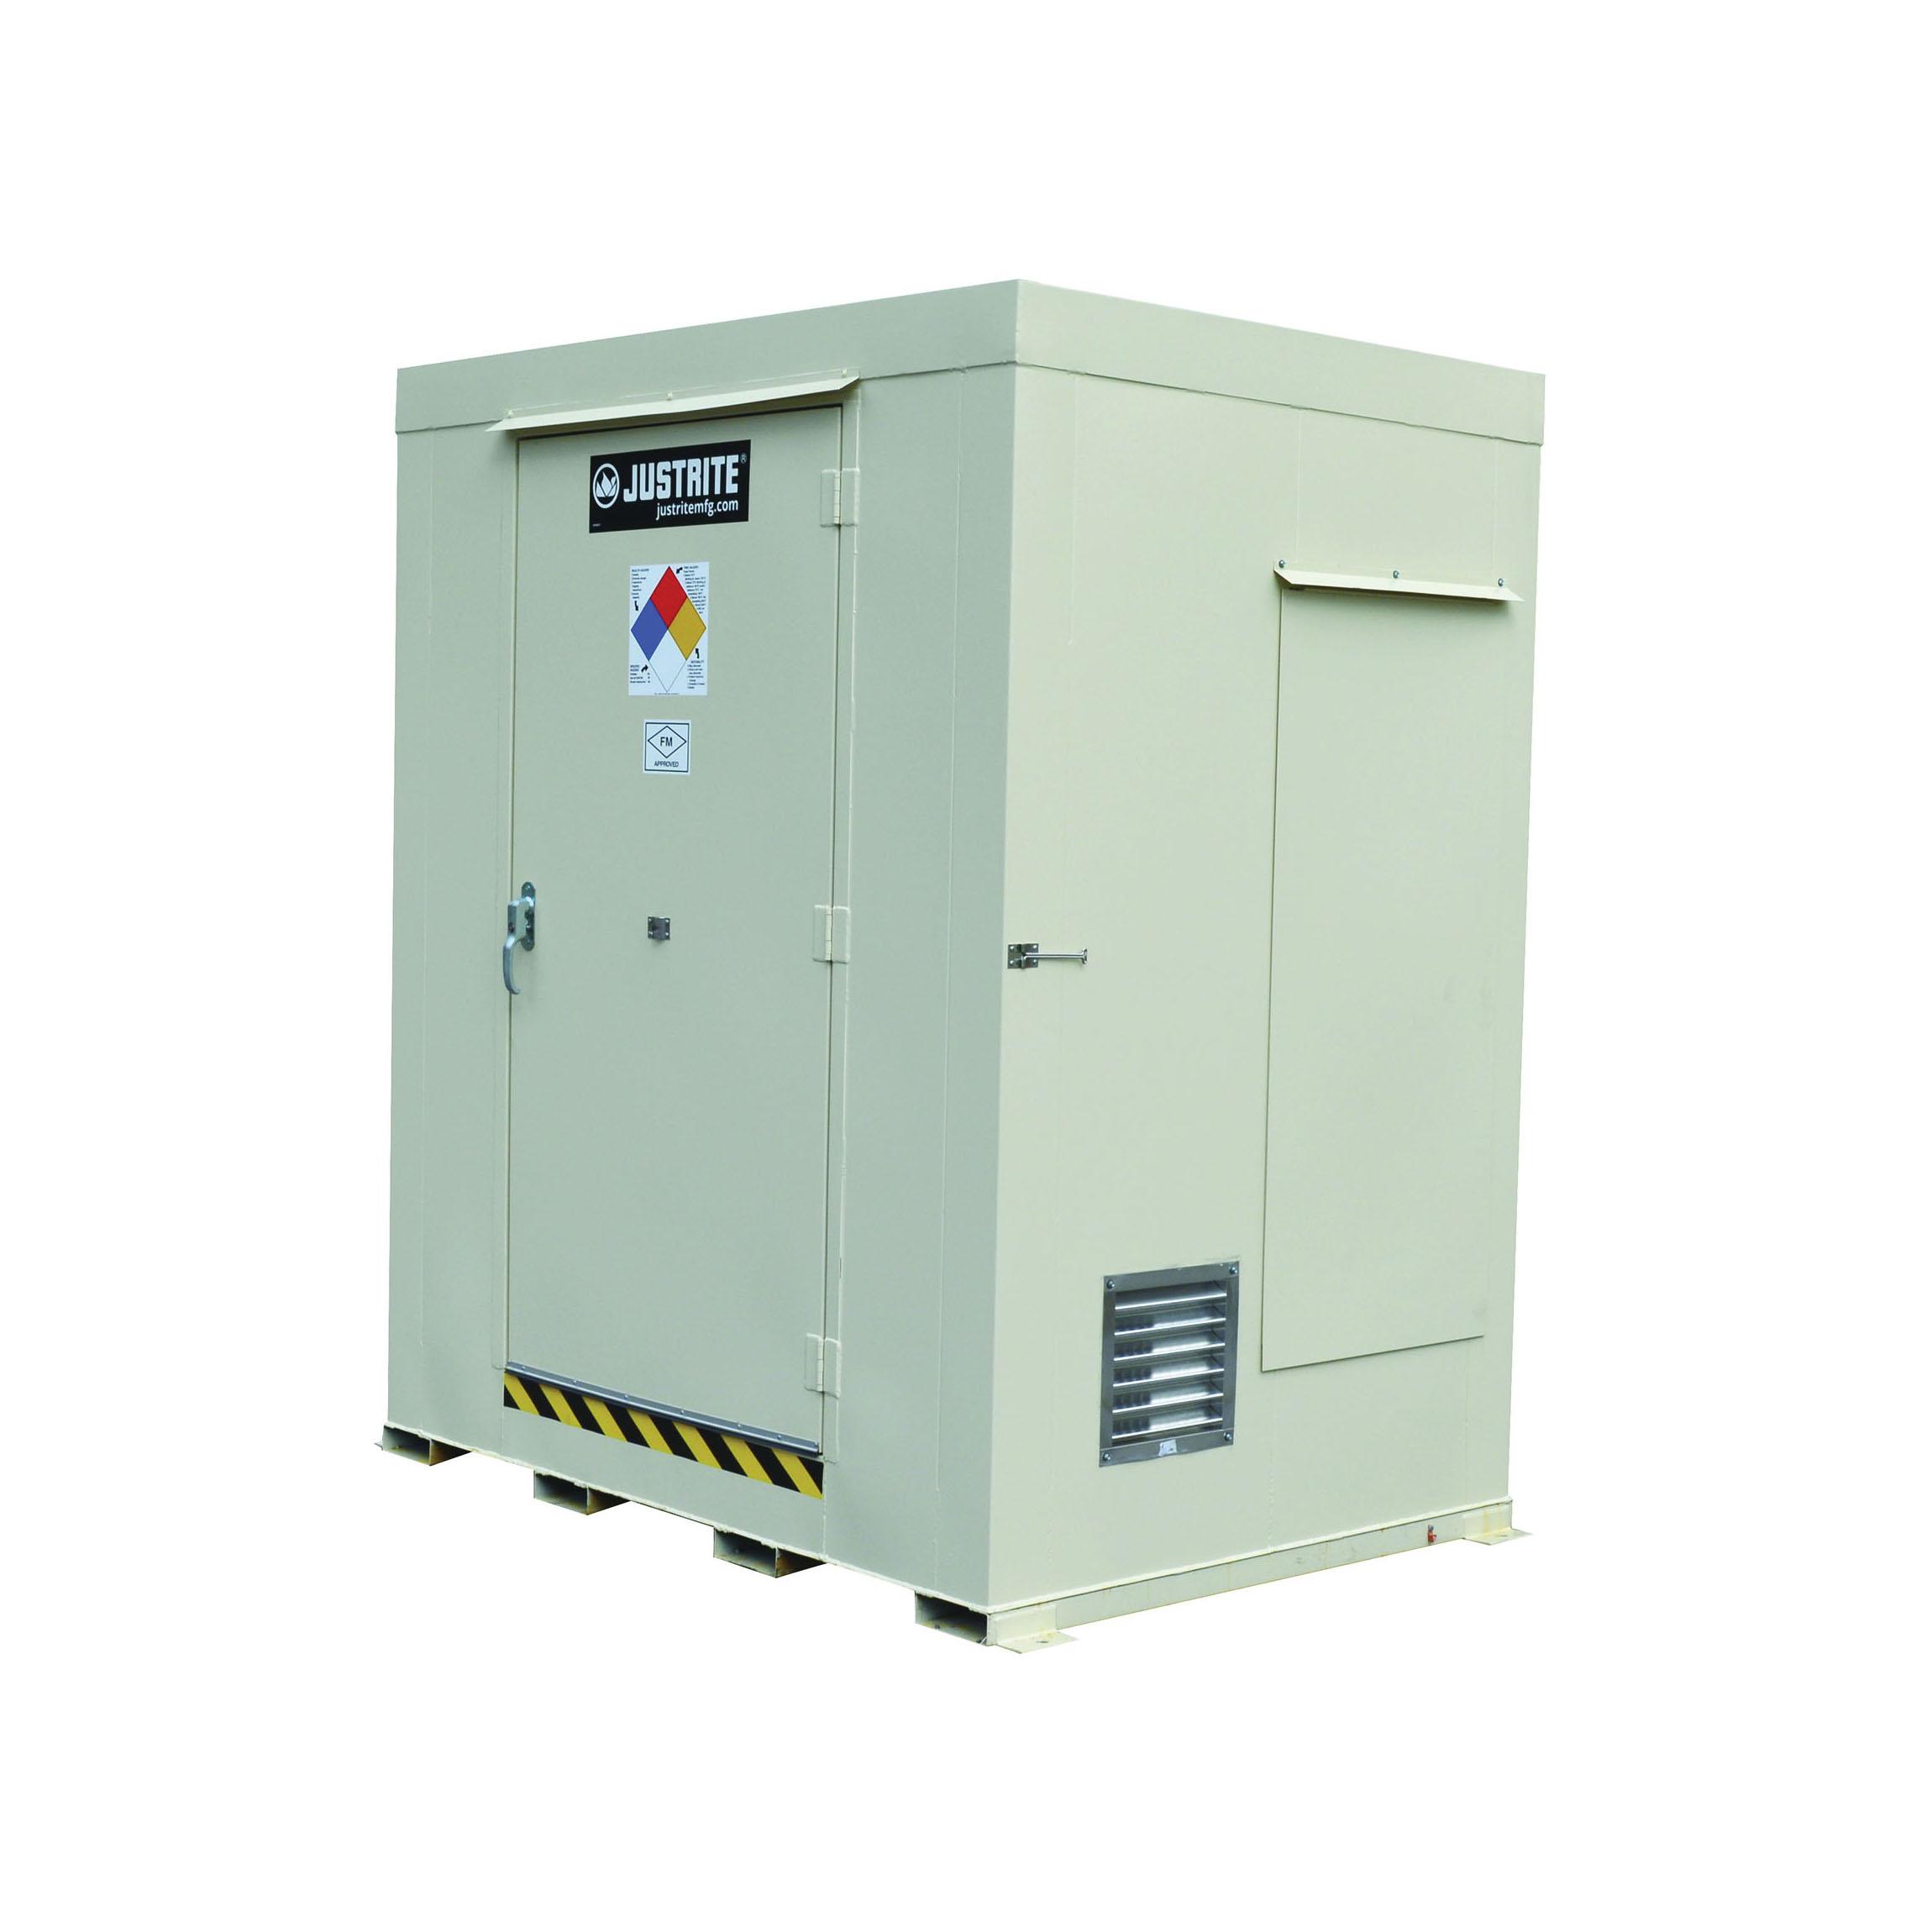 Justrite® 911061 Non-Combustible Outdoor Safety Locker, 97 in H x 84 in W x 60 in D, Standard Door, 1 Doors, Heavy Gauge Steel, Bone